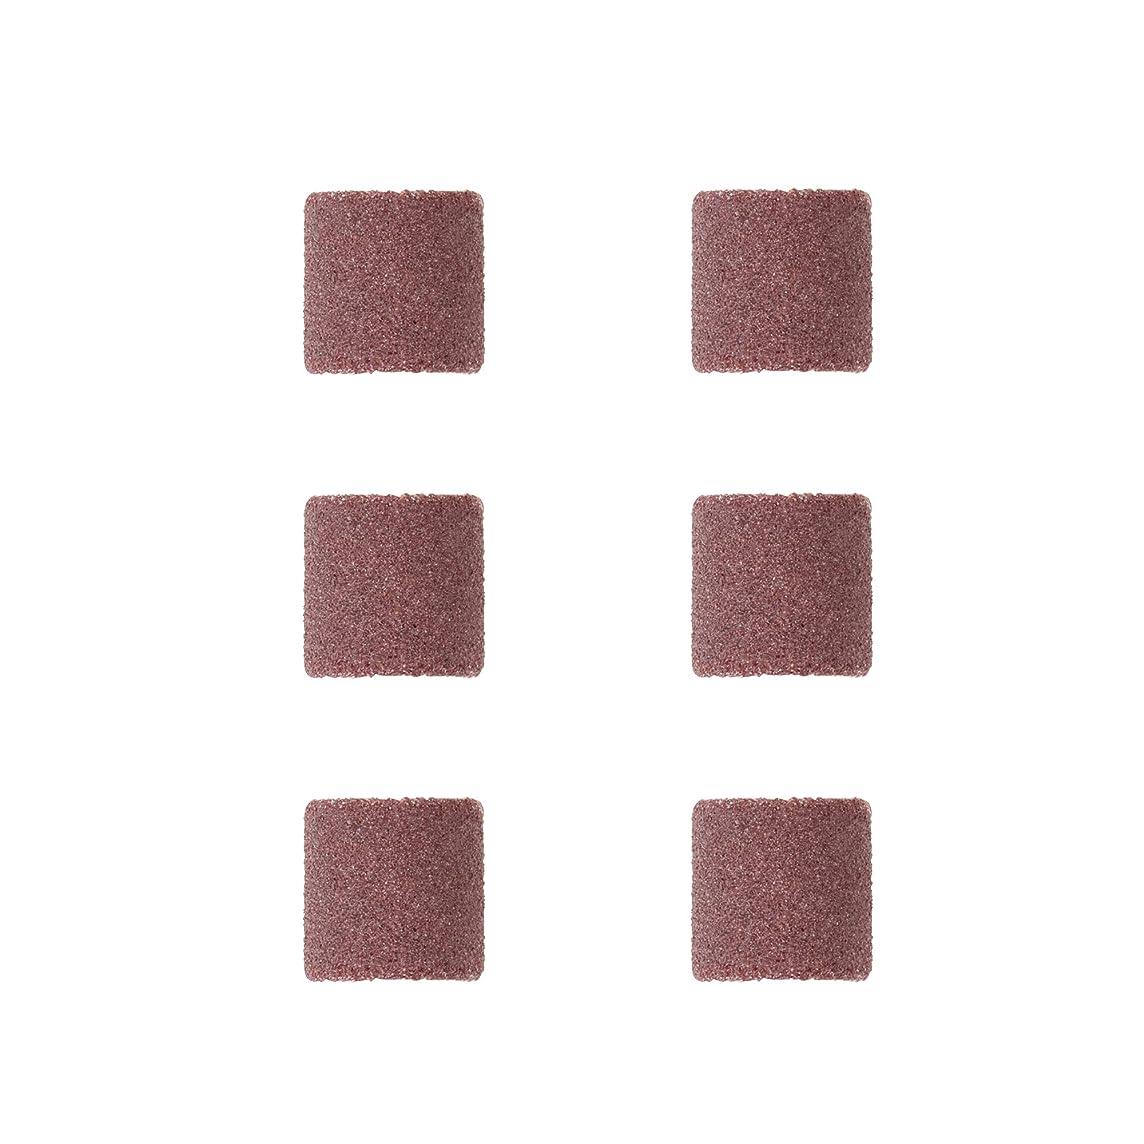 通行人ヘッジ重要性プロクソン(PROXXON) ロールペーパー 6個 【替えペーパー ドラム型10mm 120番】 No.26981